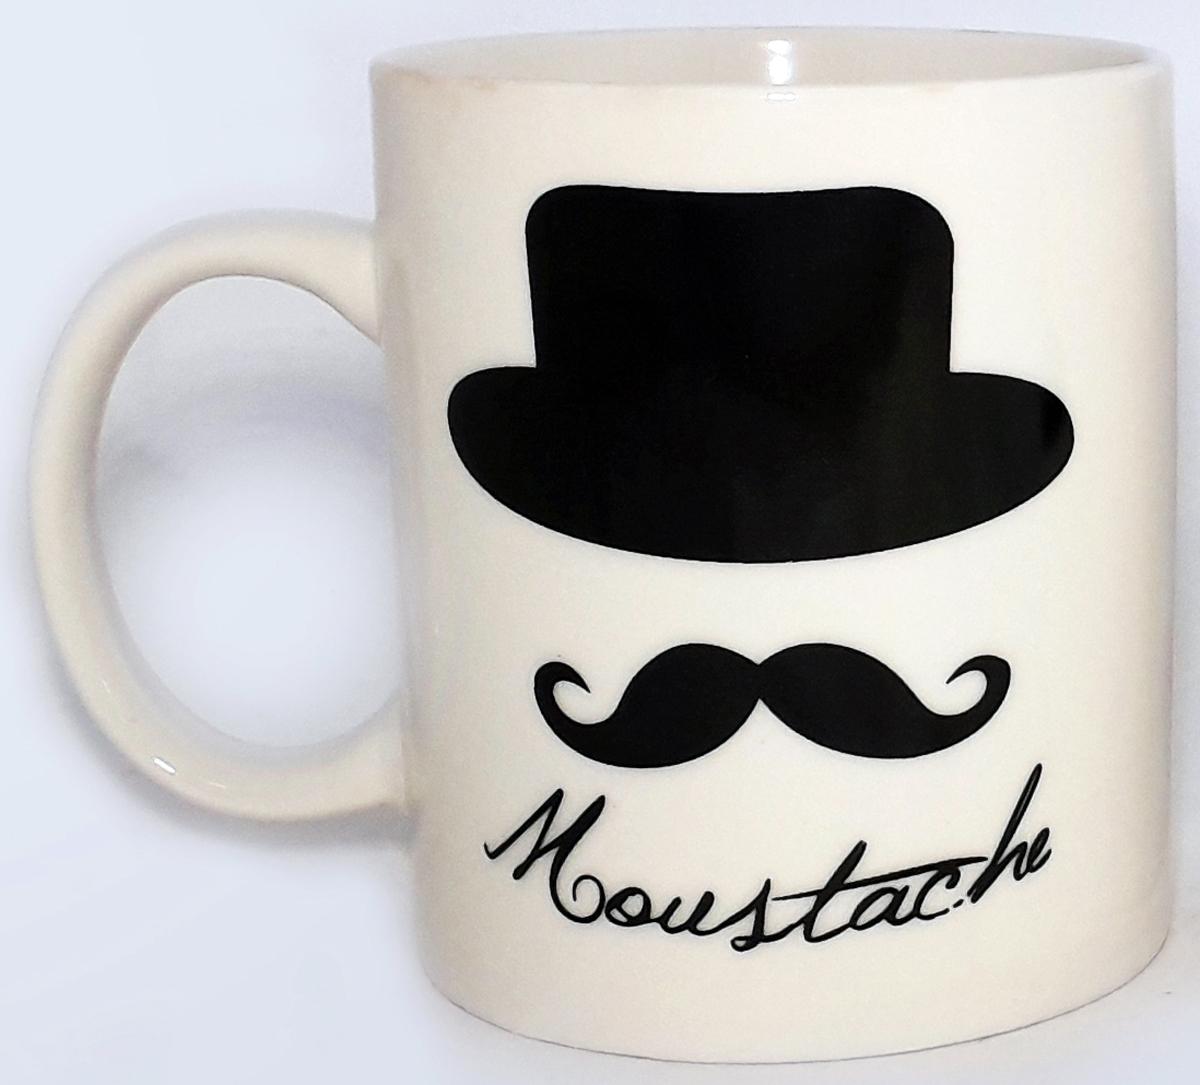 Кружка МФК-профит Moustache, 380 мл кружка мфк профит ny symbol 350 мл